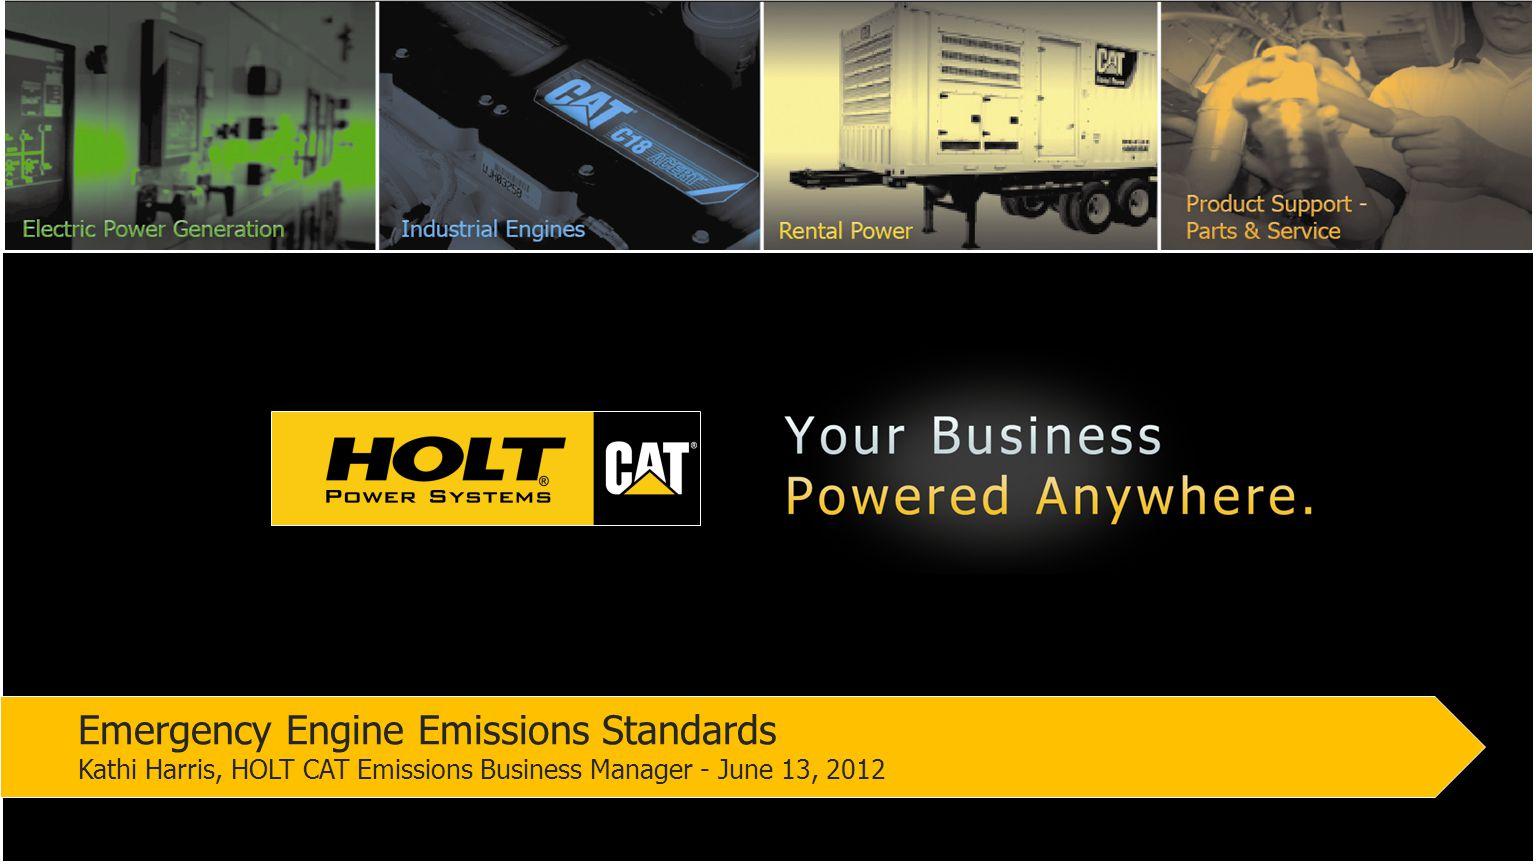 Emergency Engine Emissions Standards Kathi Harris, HOLT CAT Emissions Business Manager - June 13, 2012